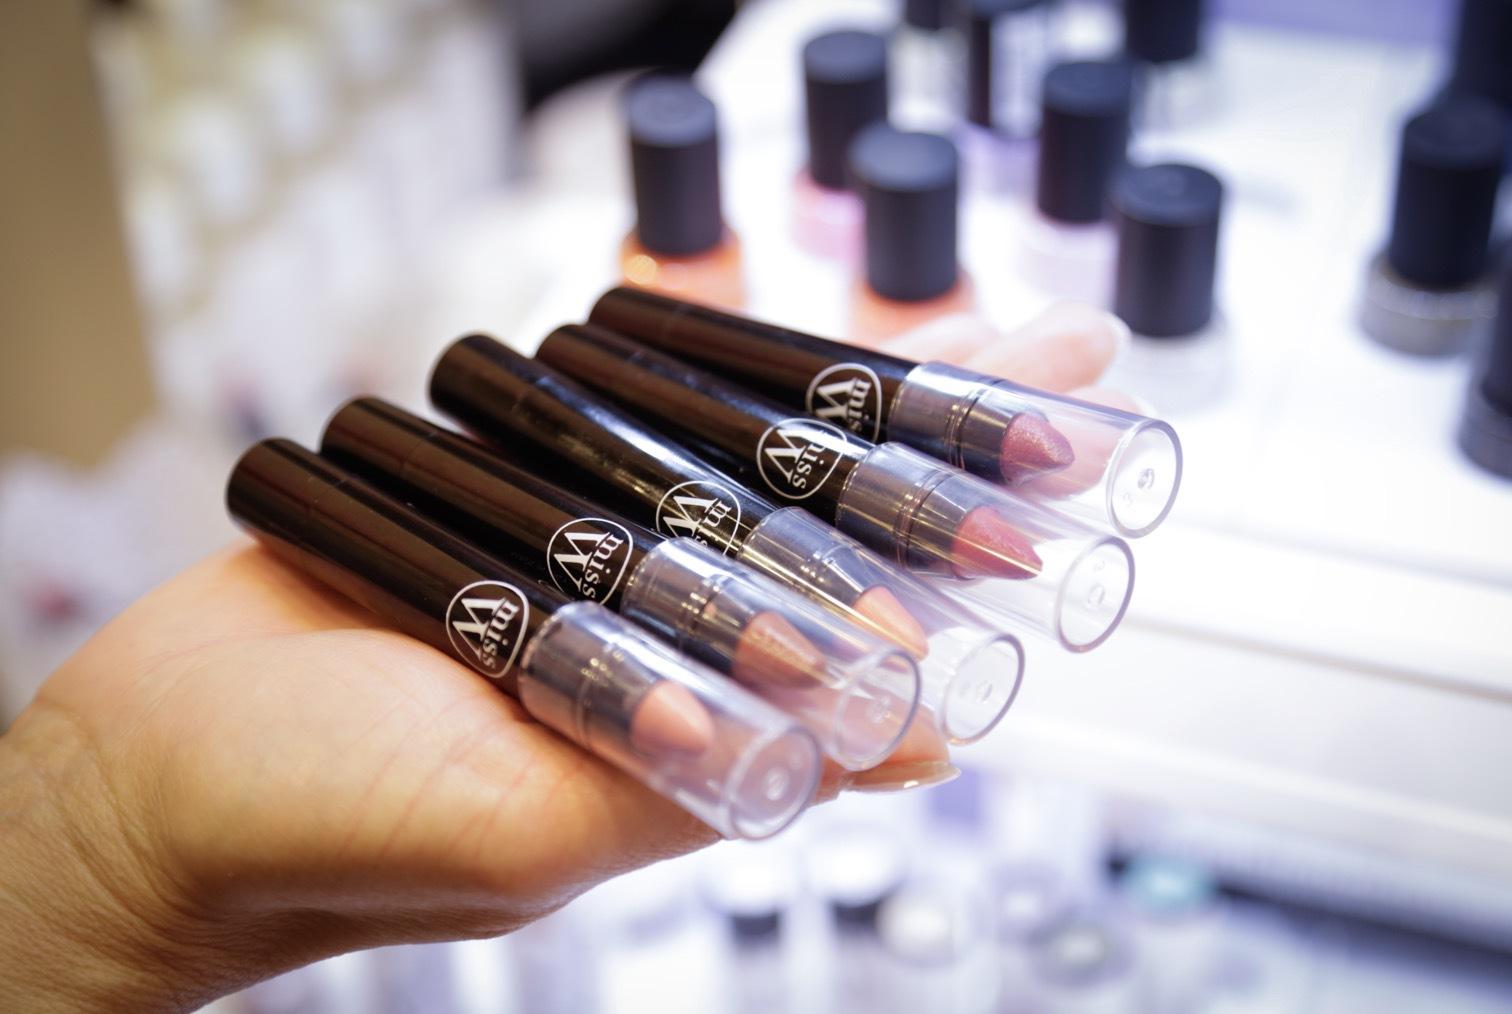 MIss W från Frankrike är en av mina favoritmärke inom makeup när det kommer till ekologiskt framställd smink. Nu har företagit tagit fram en serie läpp pennor med härlig konsistens och naturliga färgval